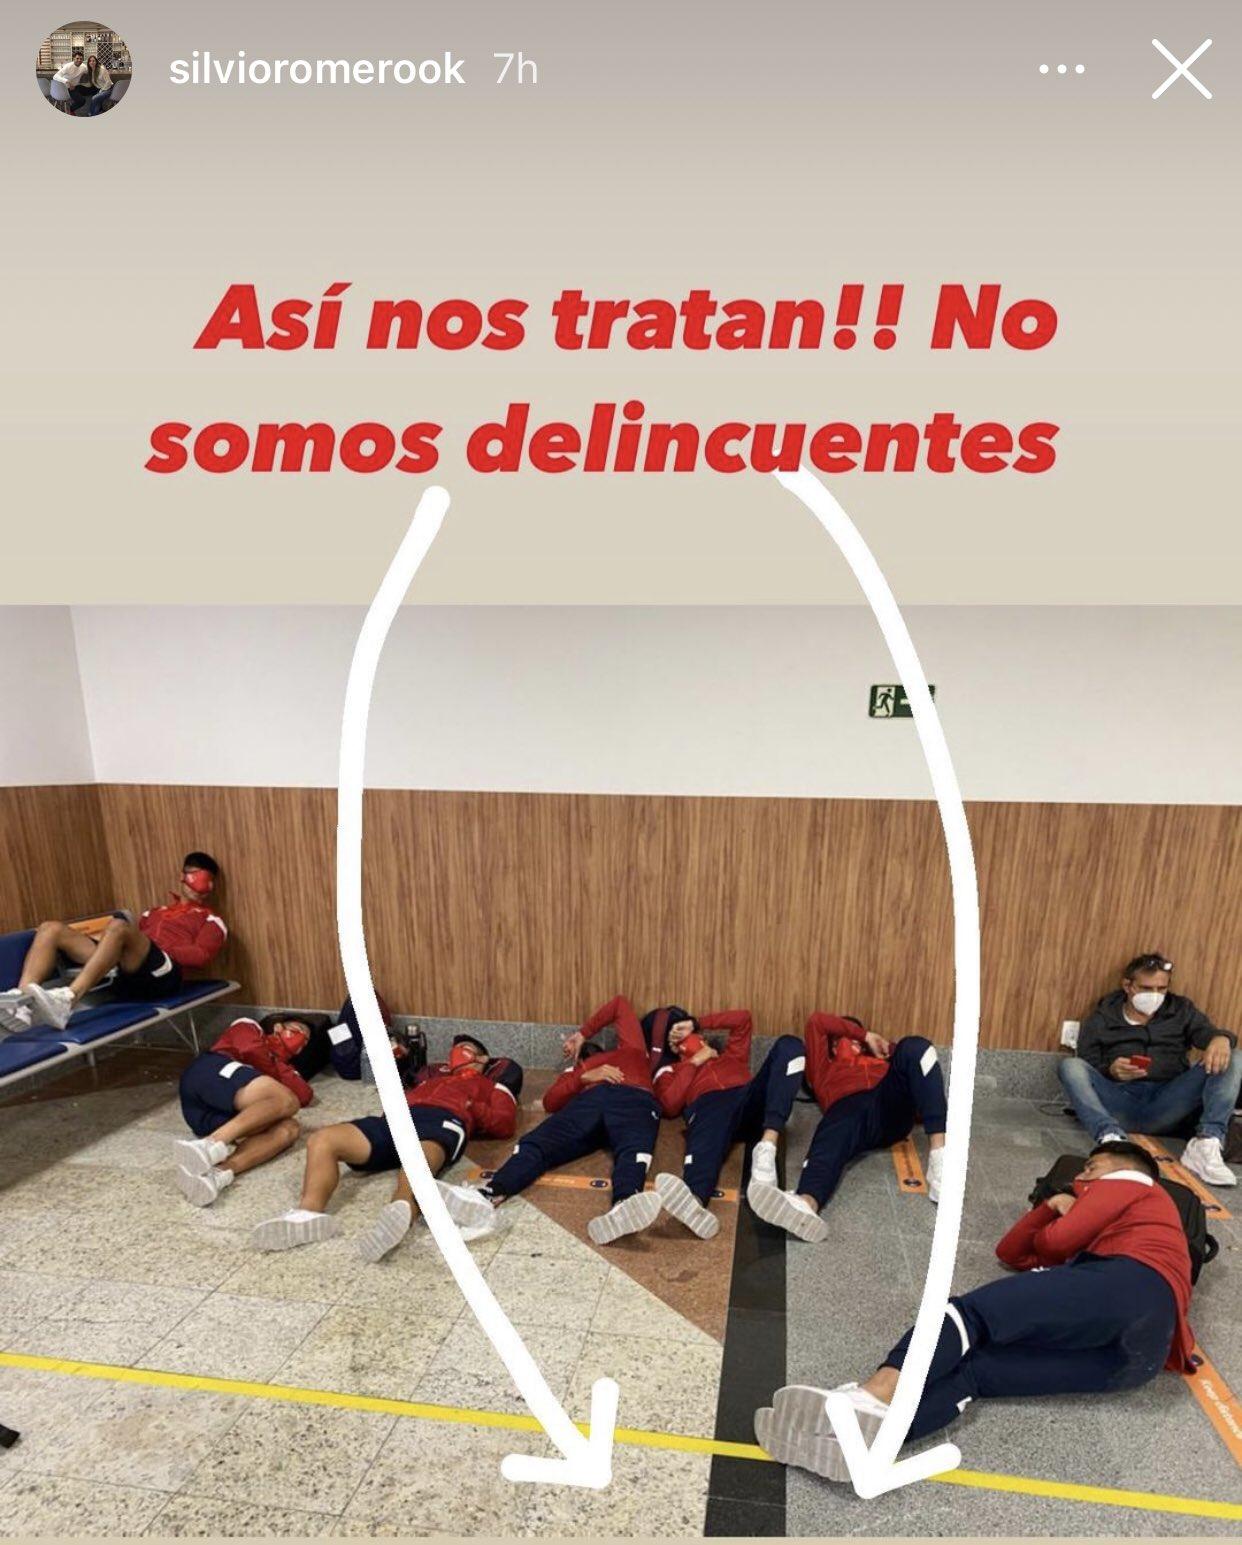 La historia que compartió el Chino Romero, capitán de Independiente, en su cuenta de Instagram